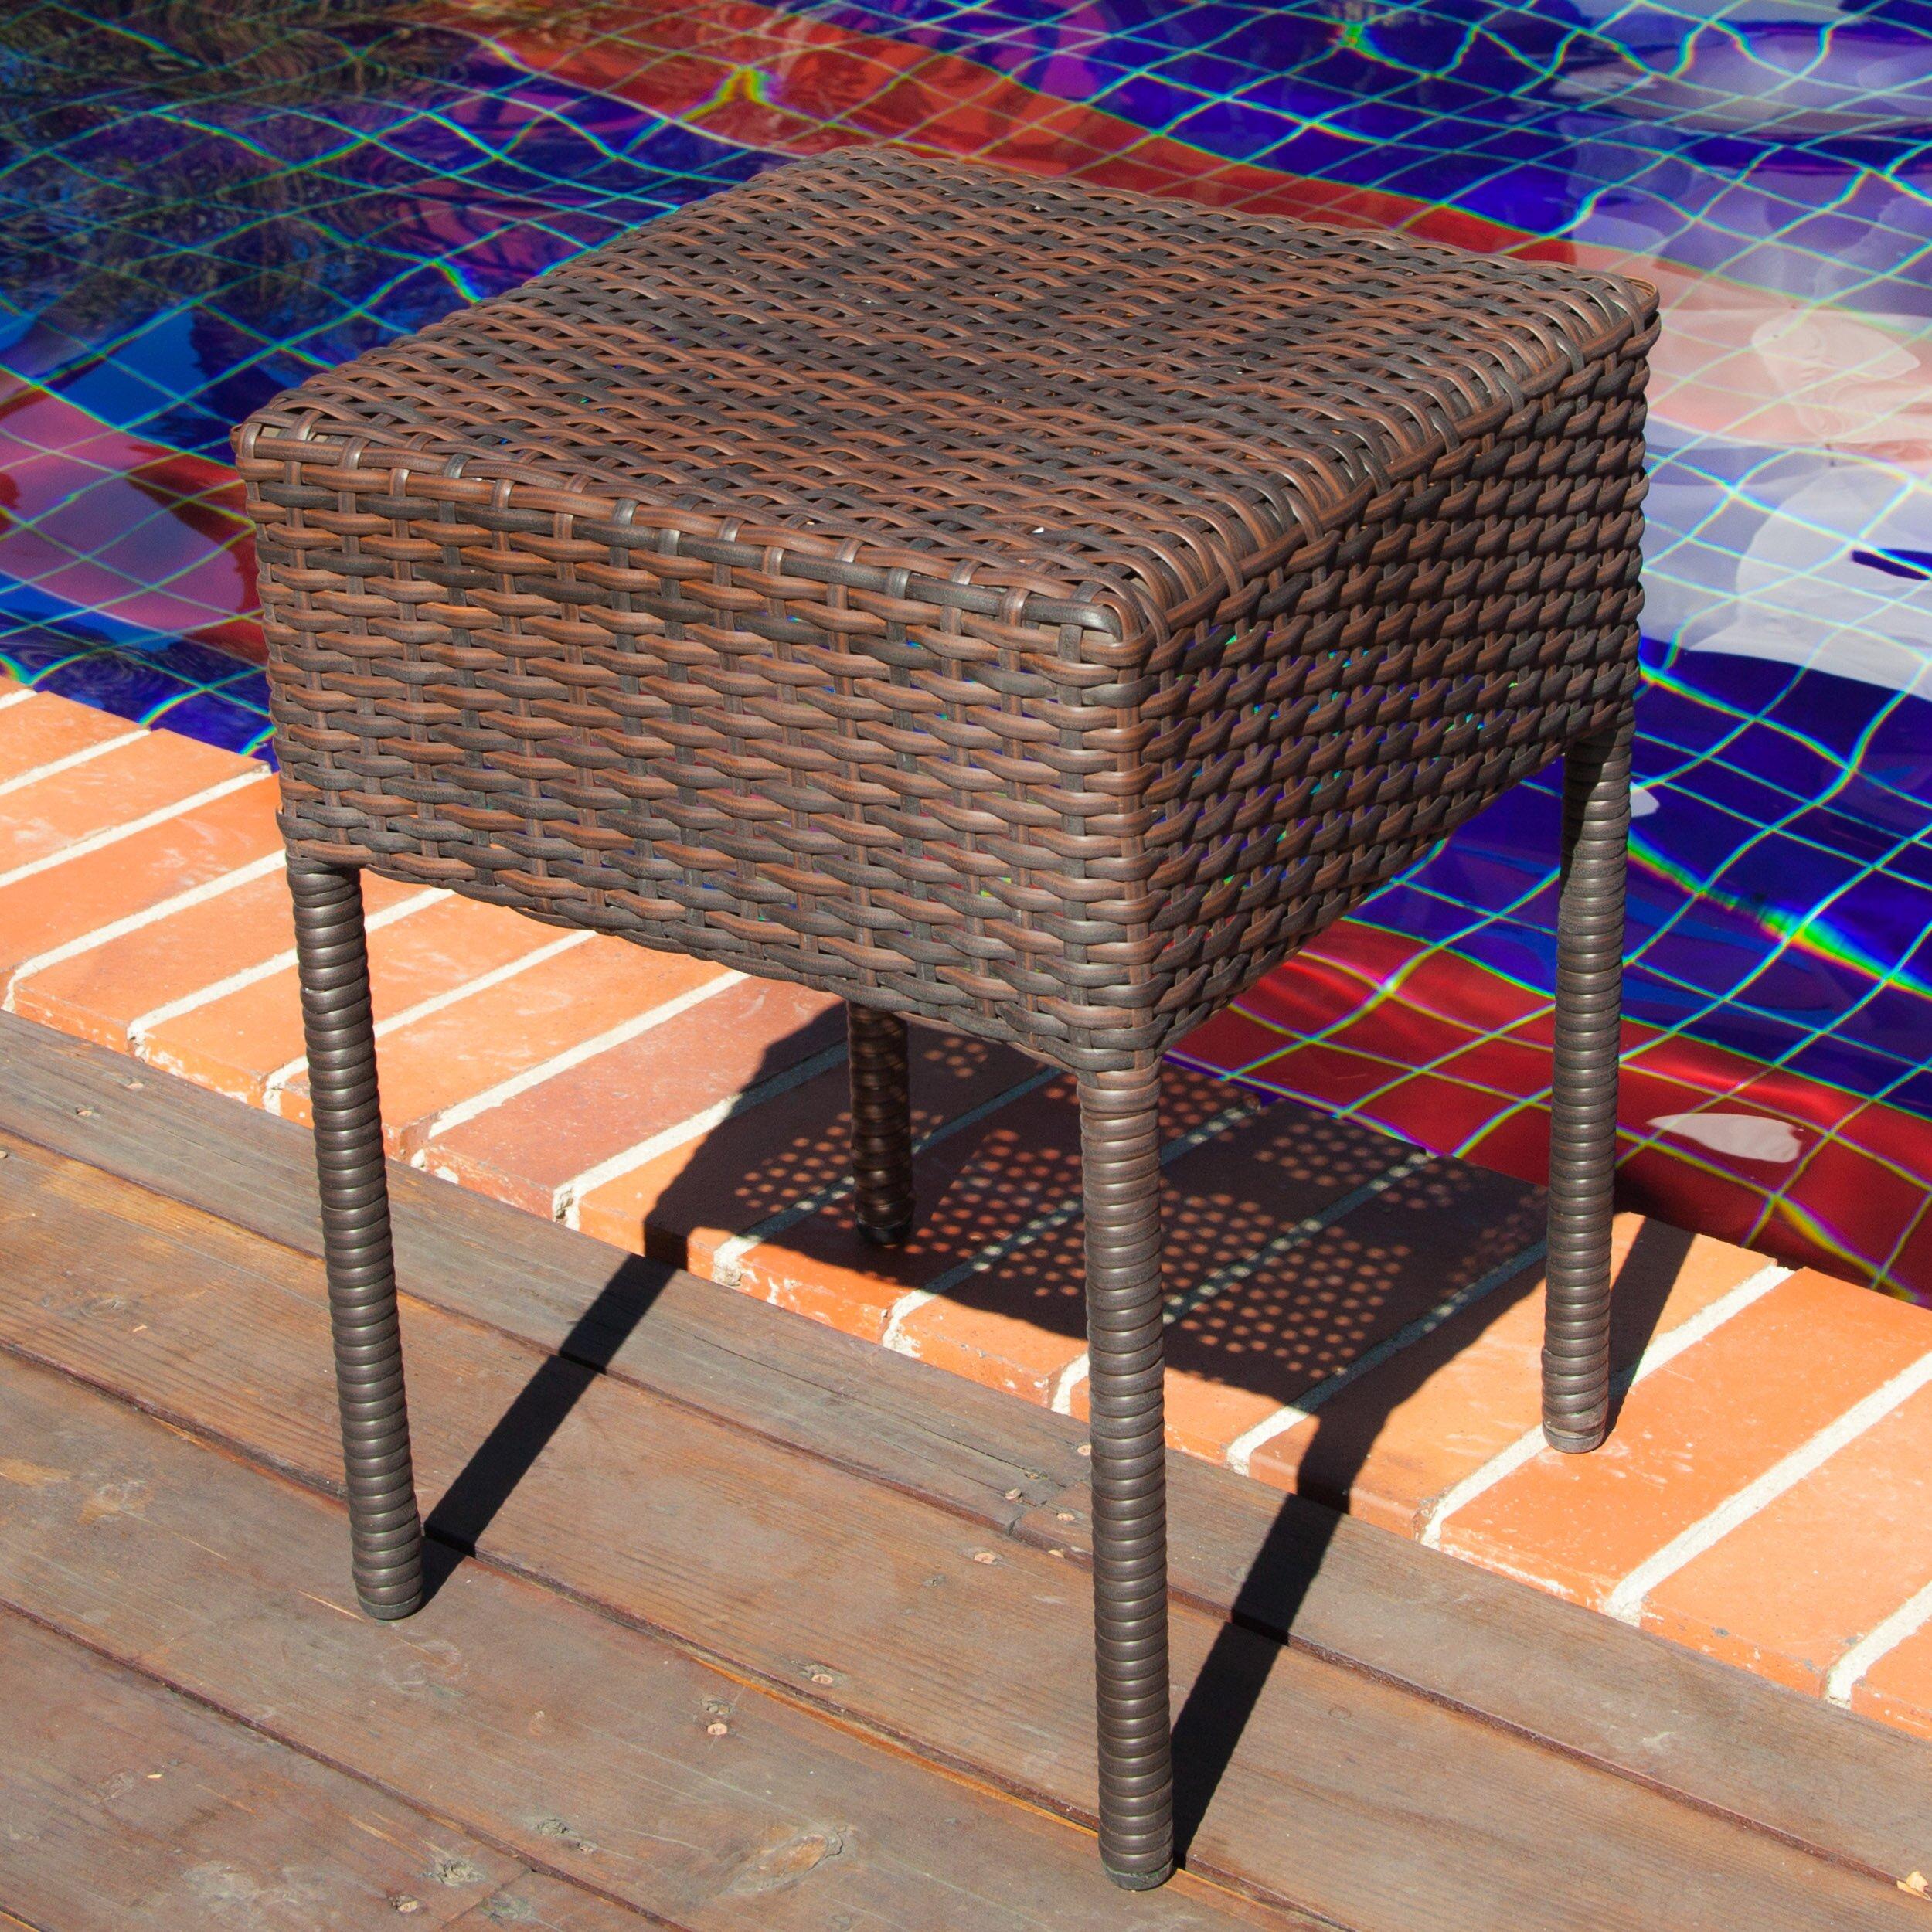 Home Loft Concepts Anchorage Wicker Outdoor Accent Table. Home Loft Concepts Anchorage Wicker Outdoor Accent Table   Reviews